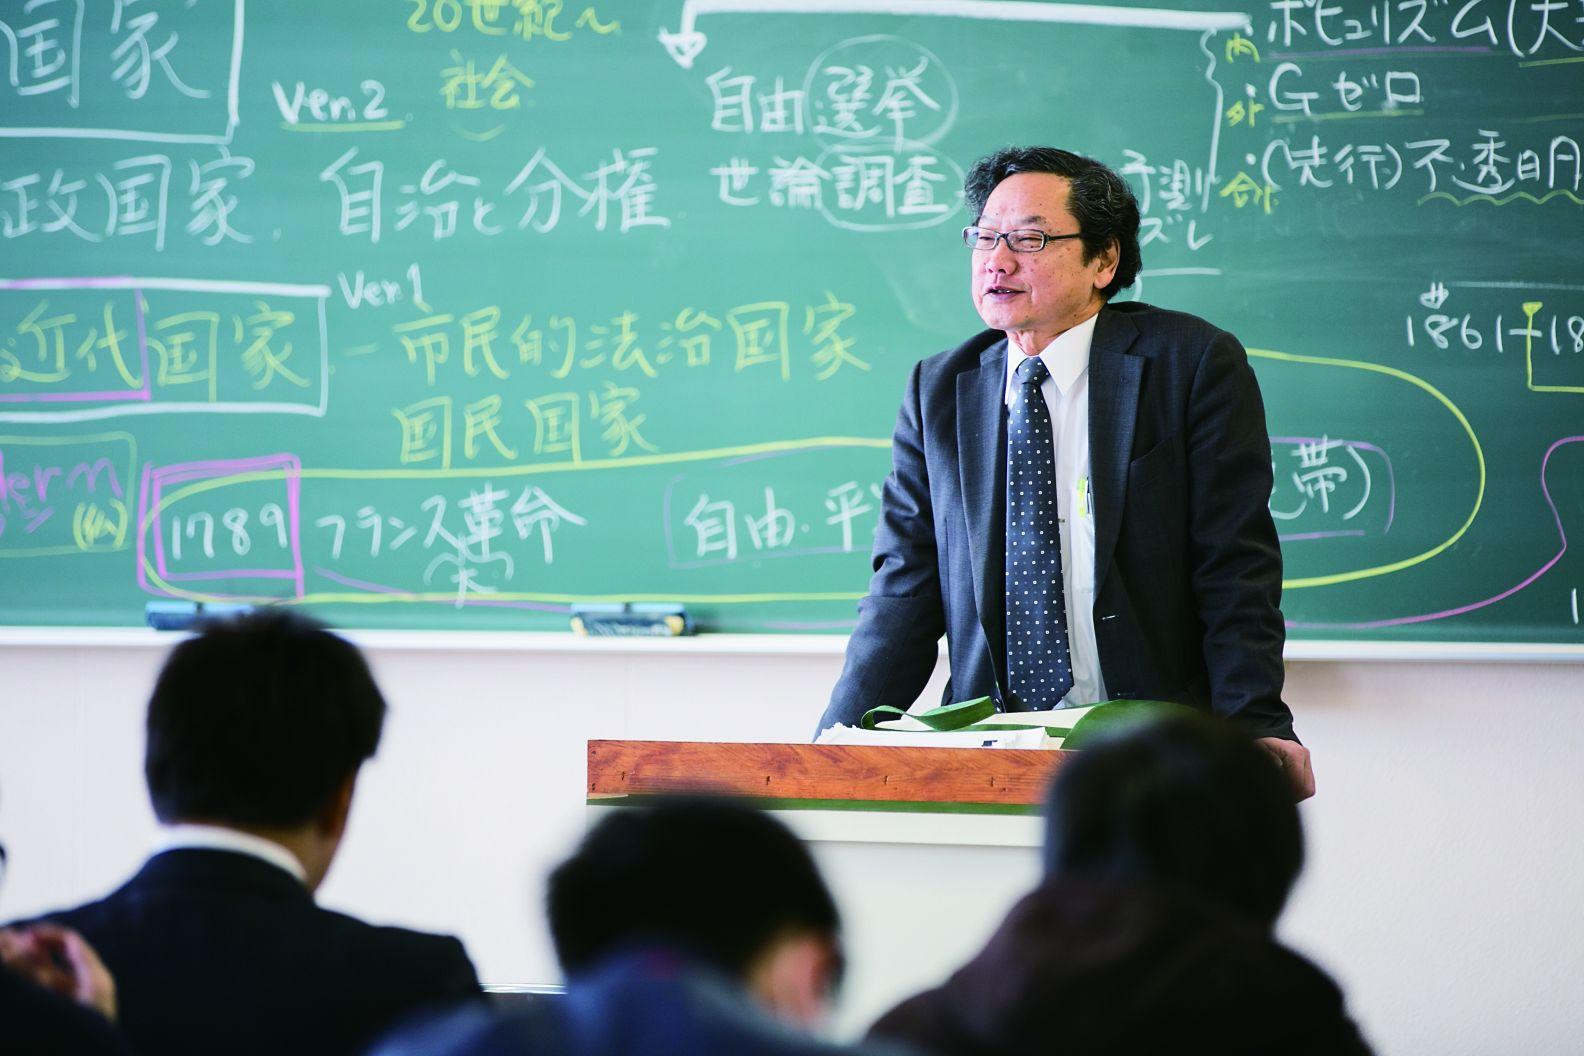 高橋 秀憲教授